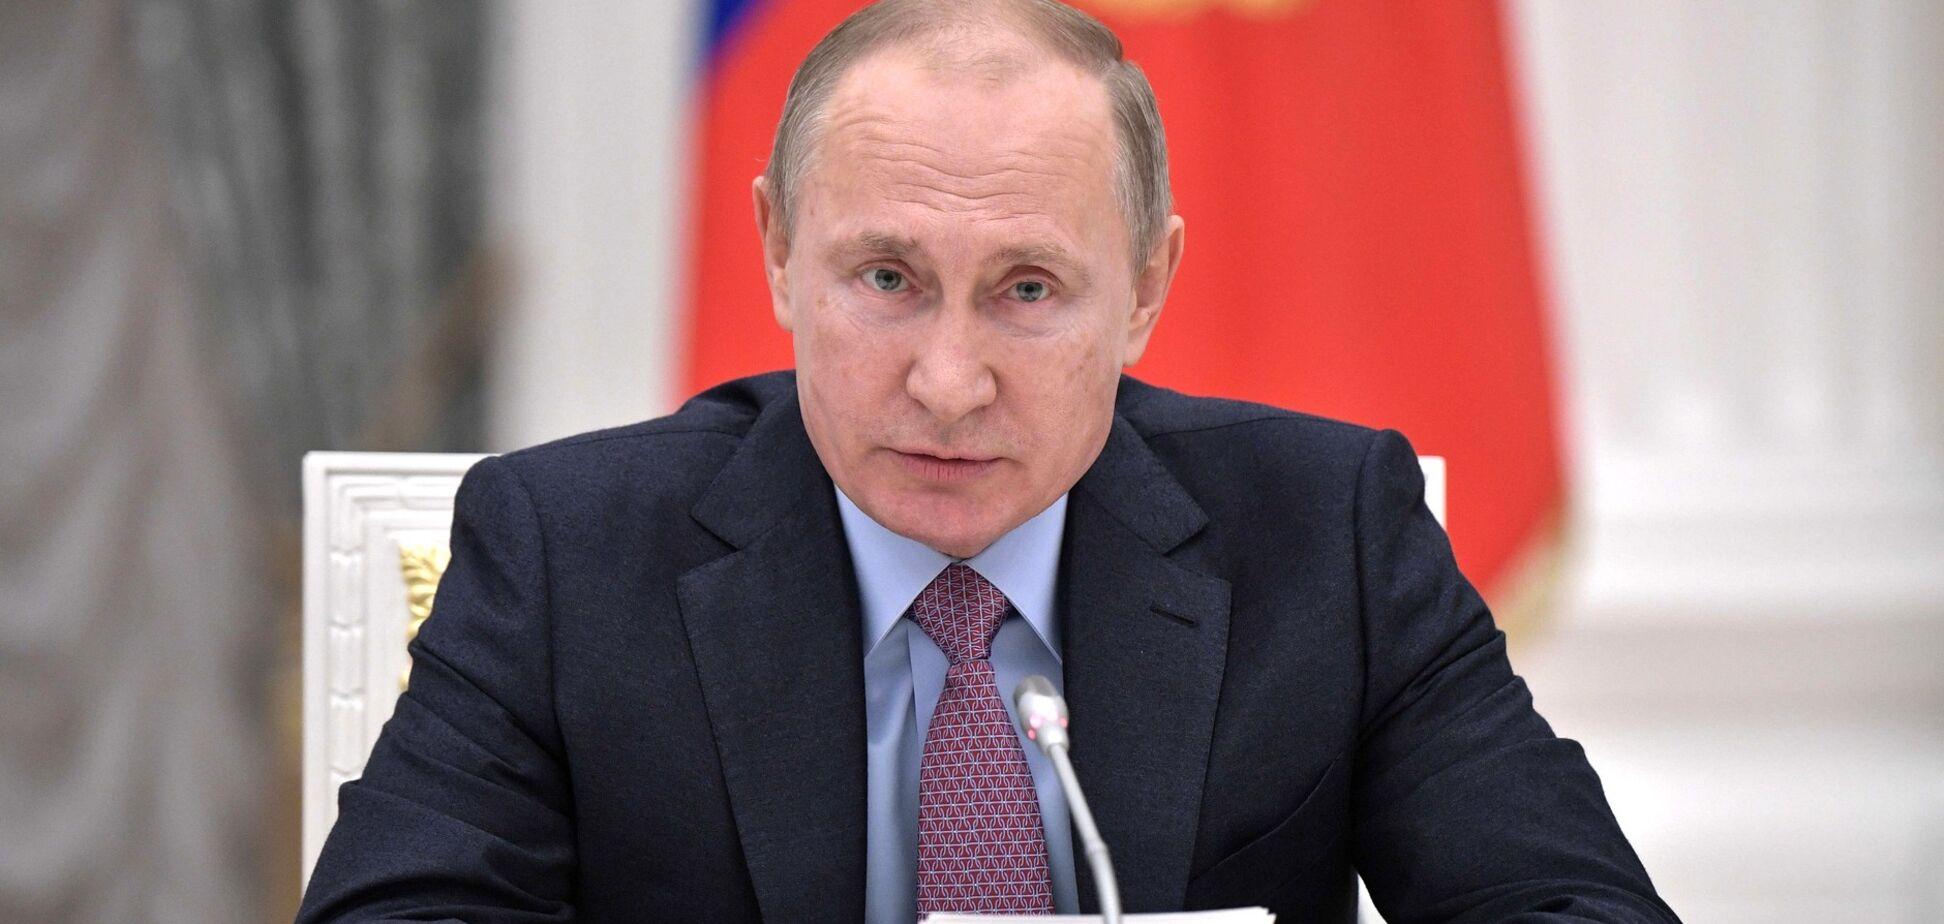 Храм на даче: появились новые факты о недвижимости Путина